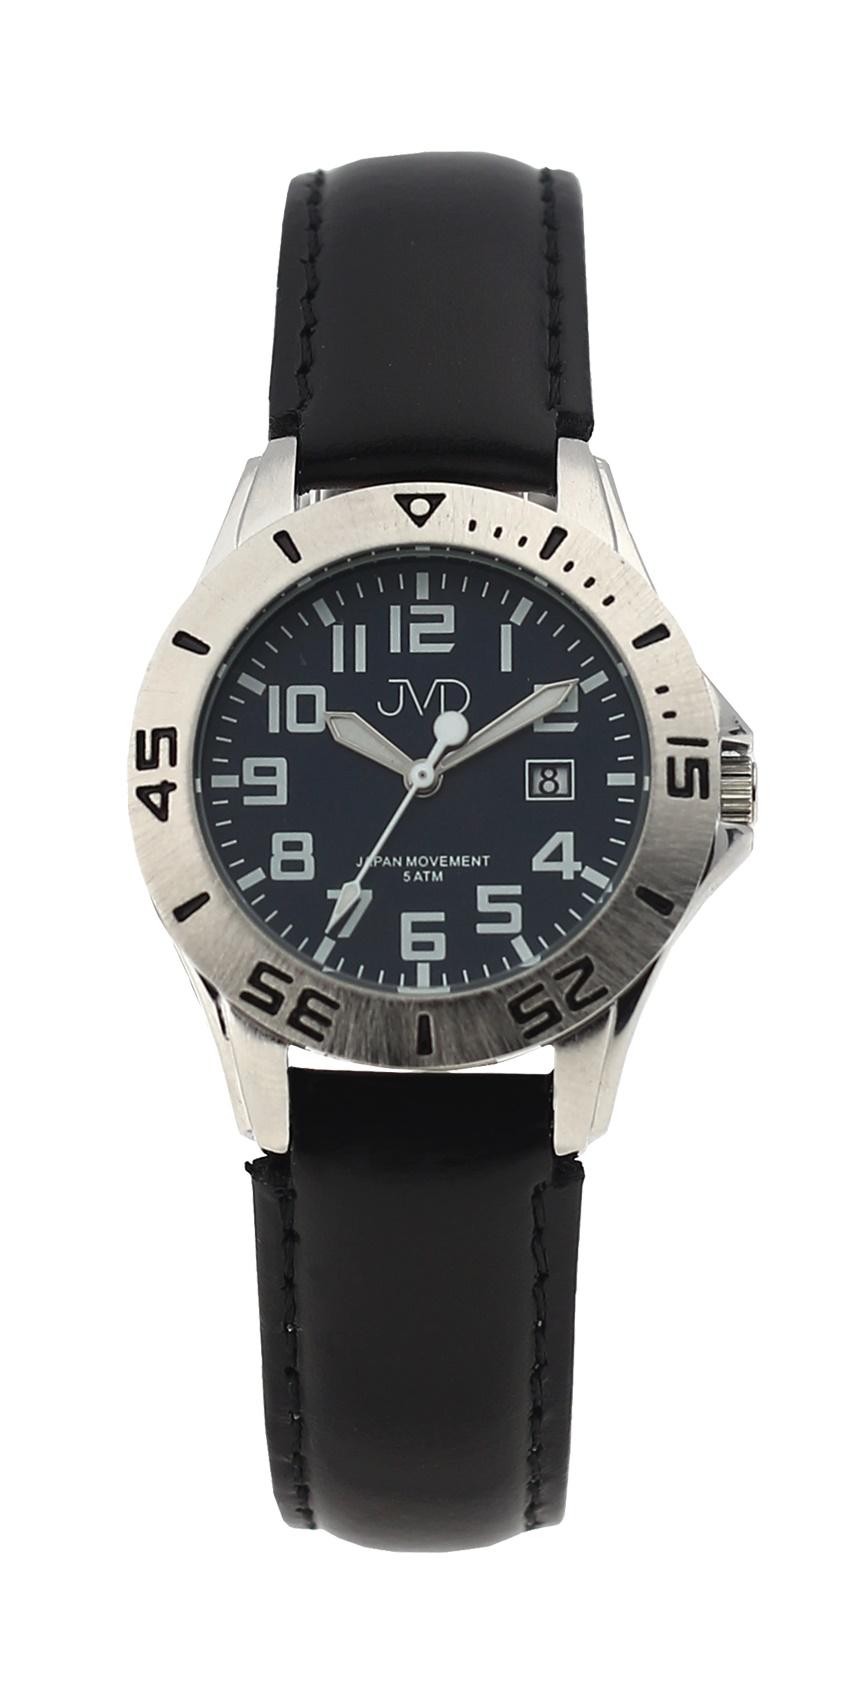 Černé chlapecké vodoodolné dětské náramkové hodinky JVD J7177.3 (5ATM - voděodolnost)